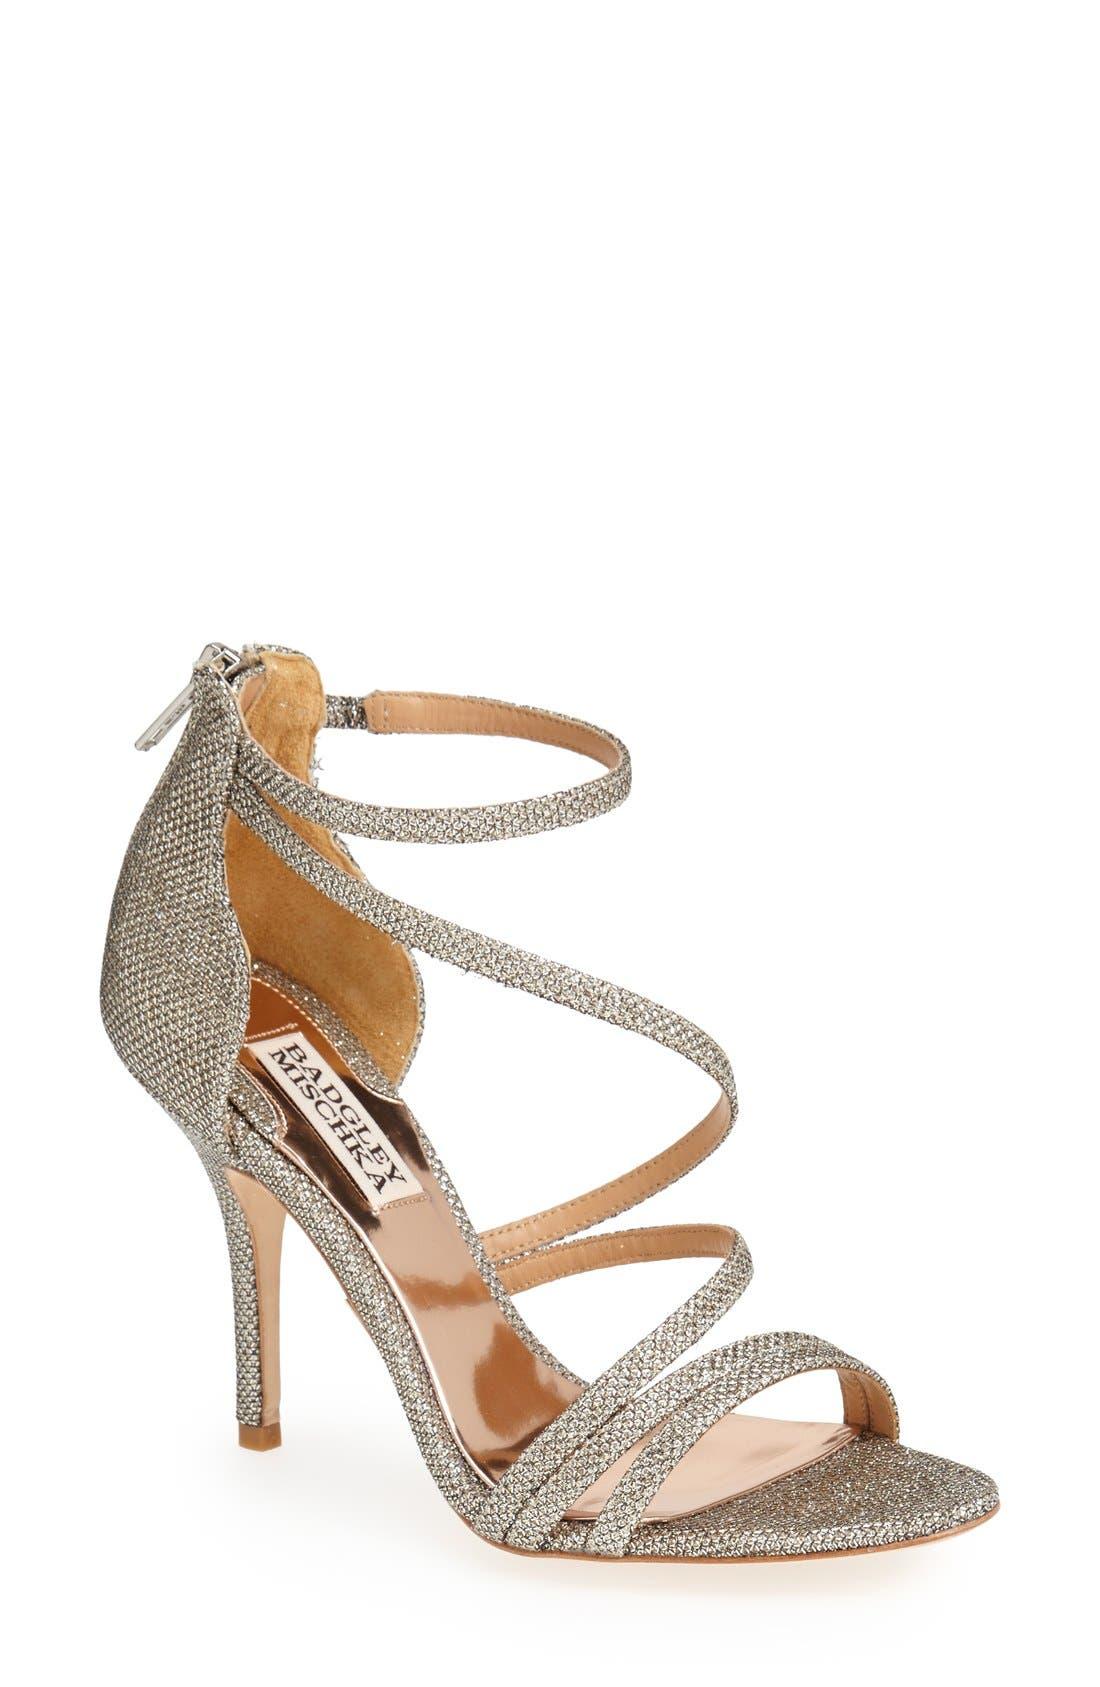 Main Image - Badgley Mischka 'Landmark' Ankle Strap Sandal (Women)